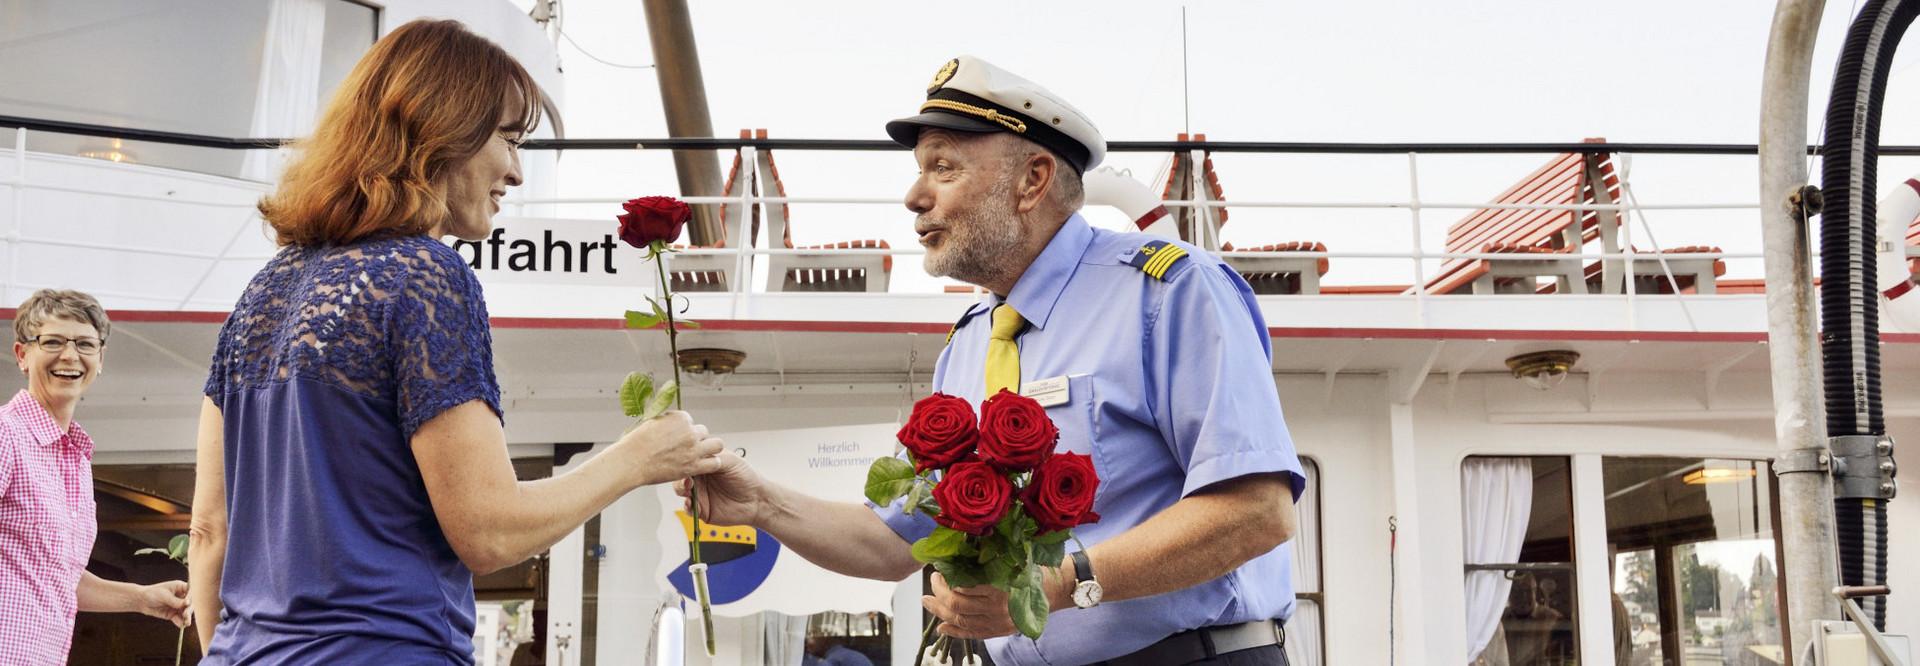 Käpitan der SGV schenkt einer Mutter eine rote Rose, bevor sie an Bord des Dampfschiffes geht.